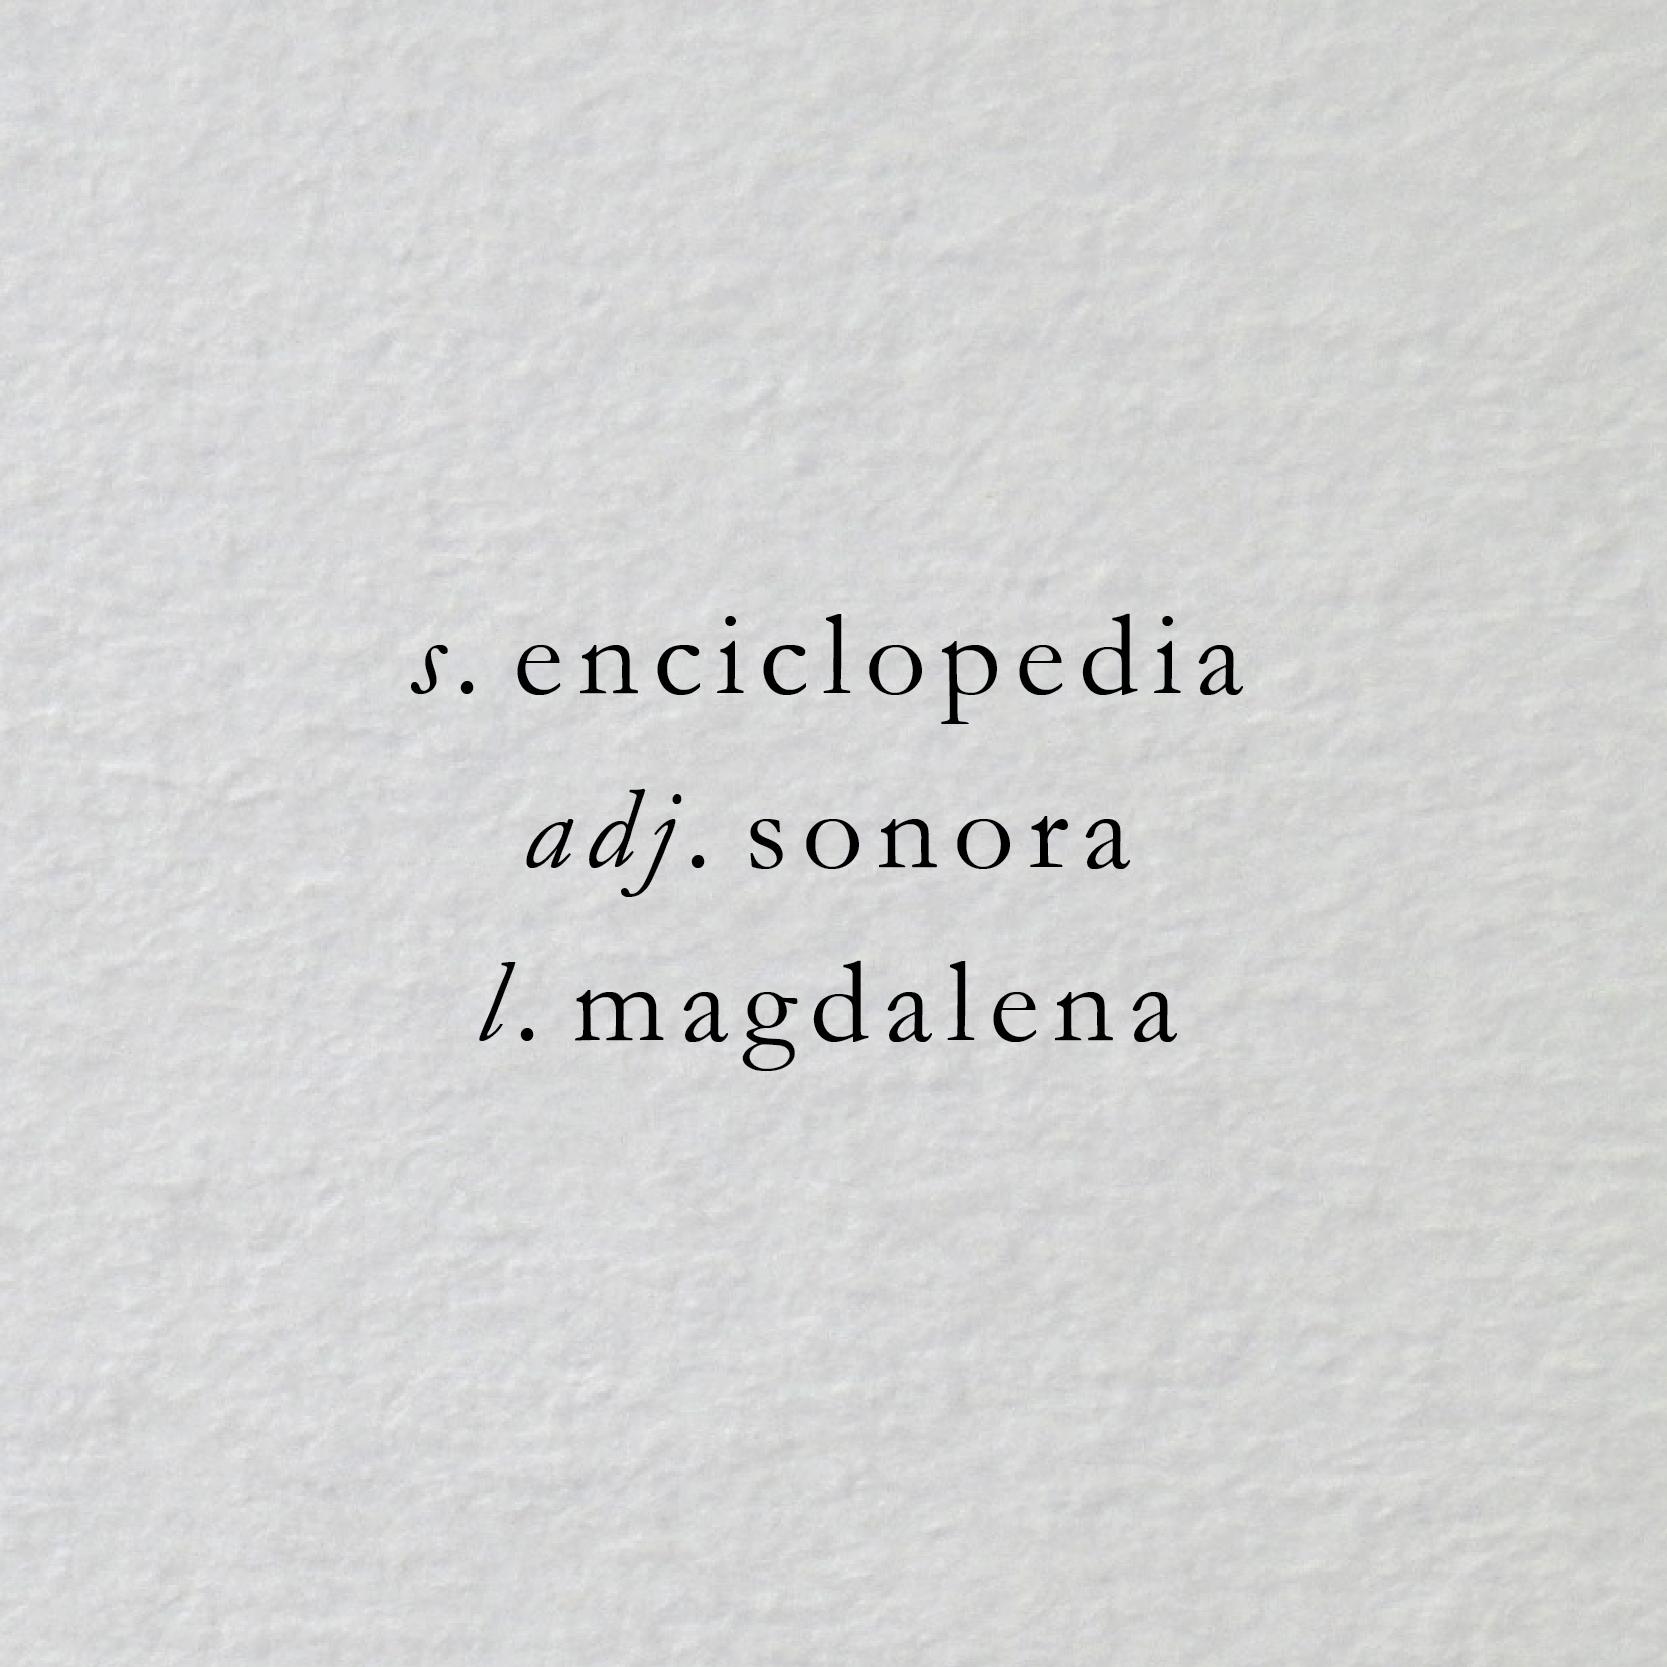 magdalena sonido-01.jpg